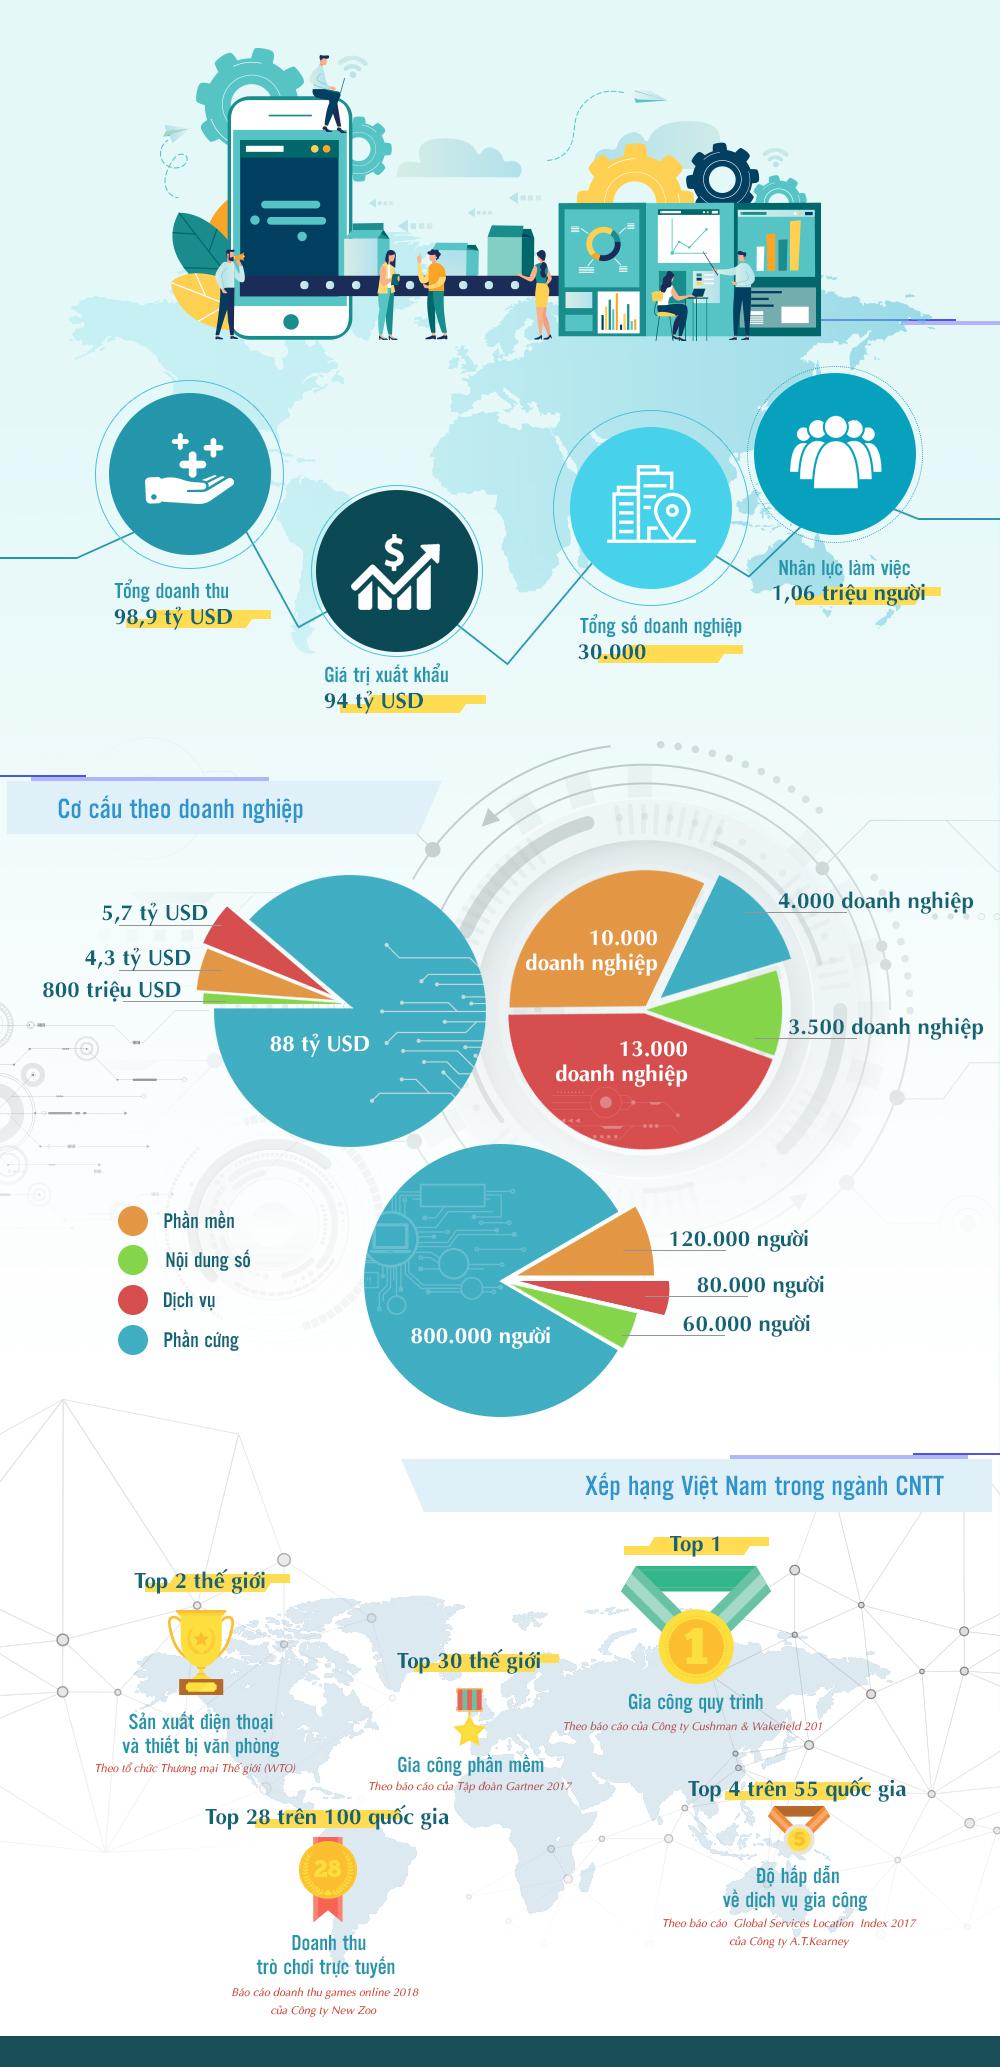 Công nghiệp công nghệ Việt Nam đang đứng ở đâu